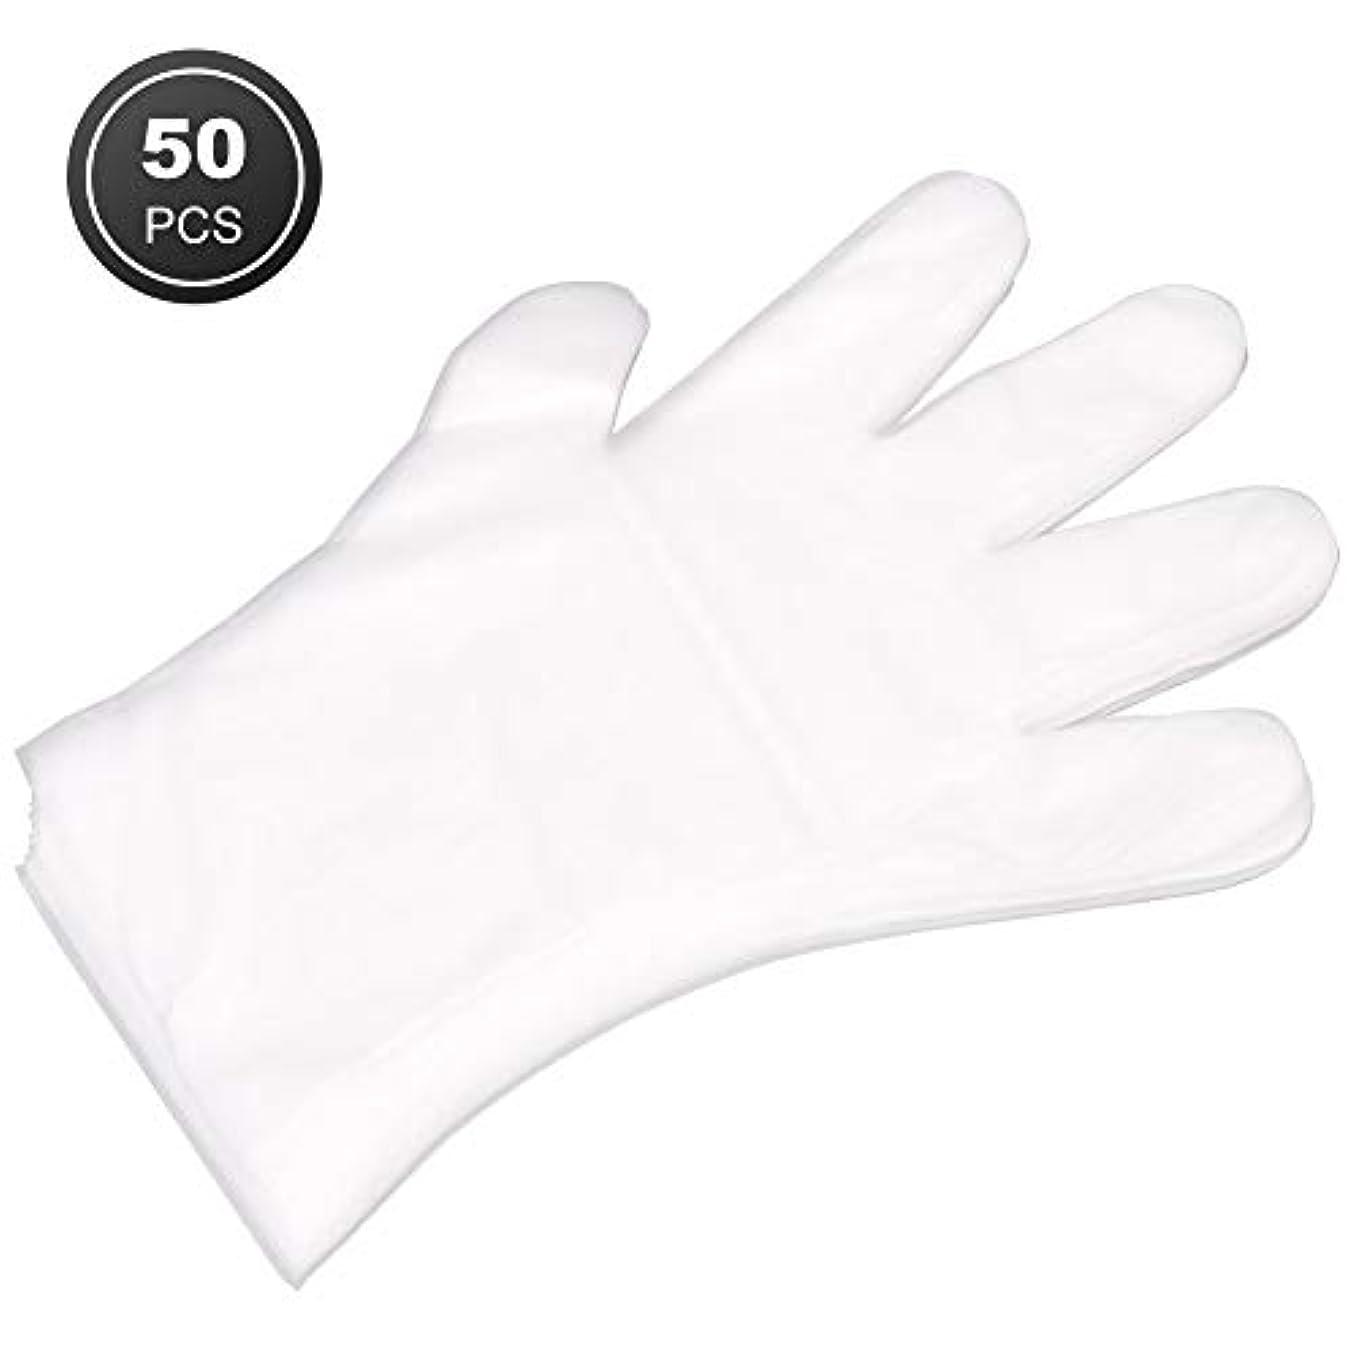 トピック雑種摂動MewSann ビニール手袋 使い捨て ポリエチレン 加厚型 滑り止め付き 透明 実用 衛生 50枚セット 実験室 科学研究 衛生防護に適用